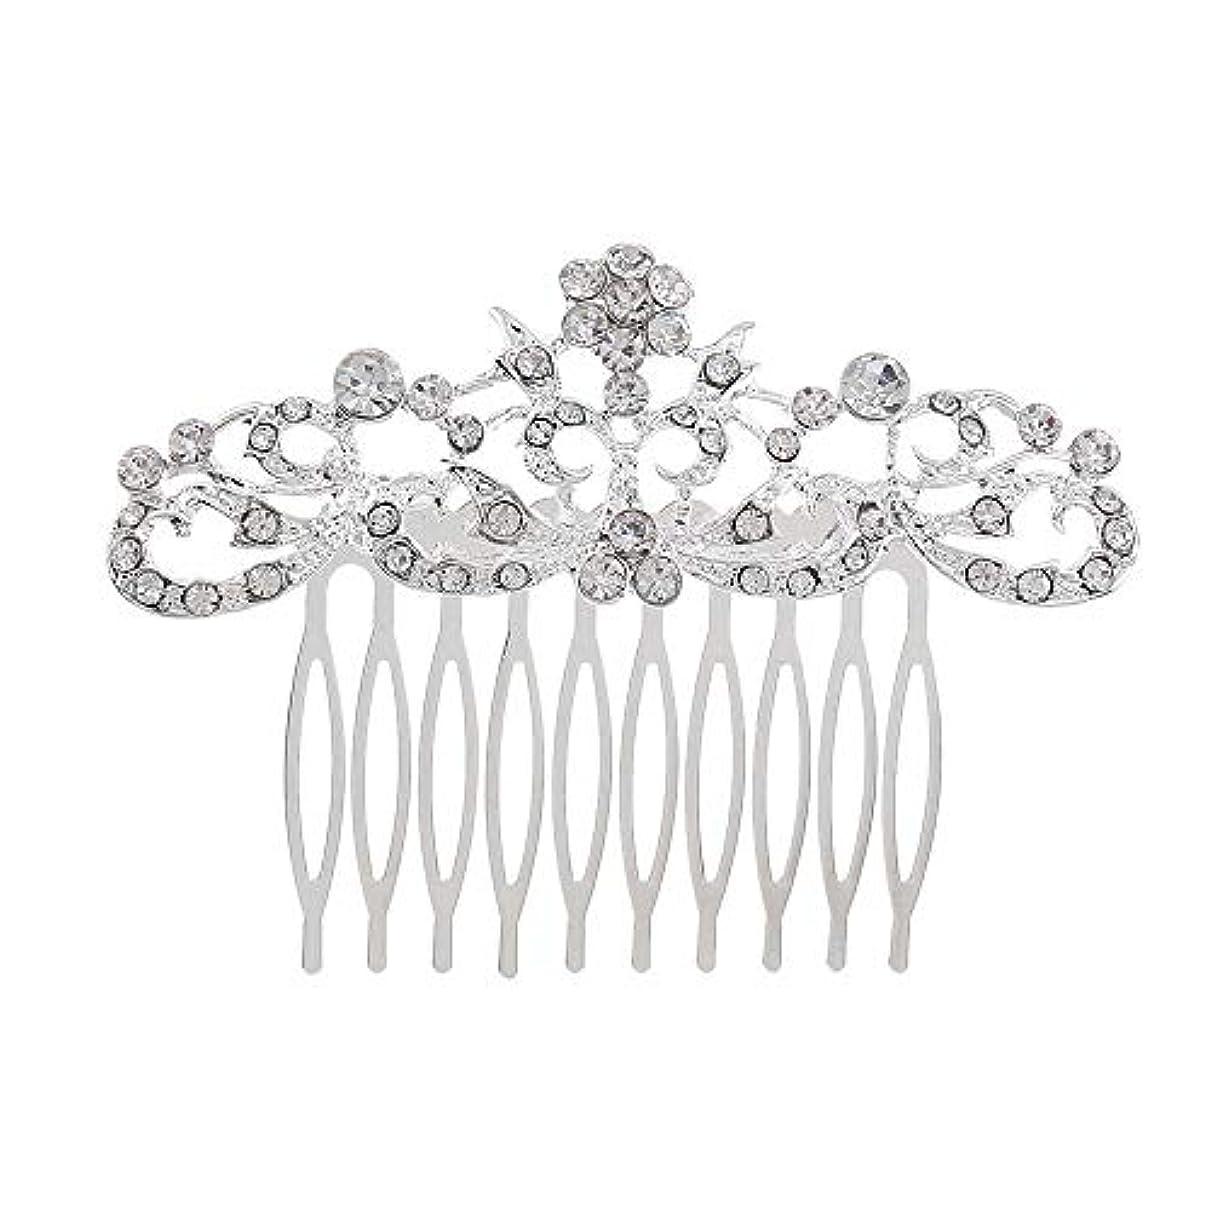 メジャーベンチカニ髪の櫛の櫛の櫛の花嫁の髪の櫛のファッションラインストーンの櫛の櫛の花嫁の頭飾りの結婚式のアクセサリー